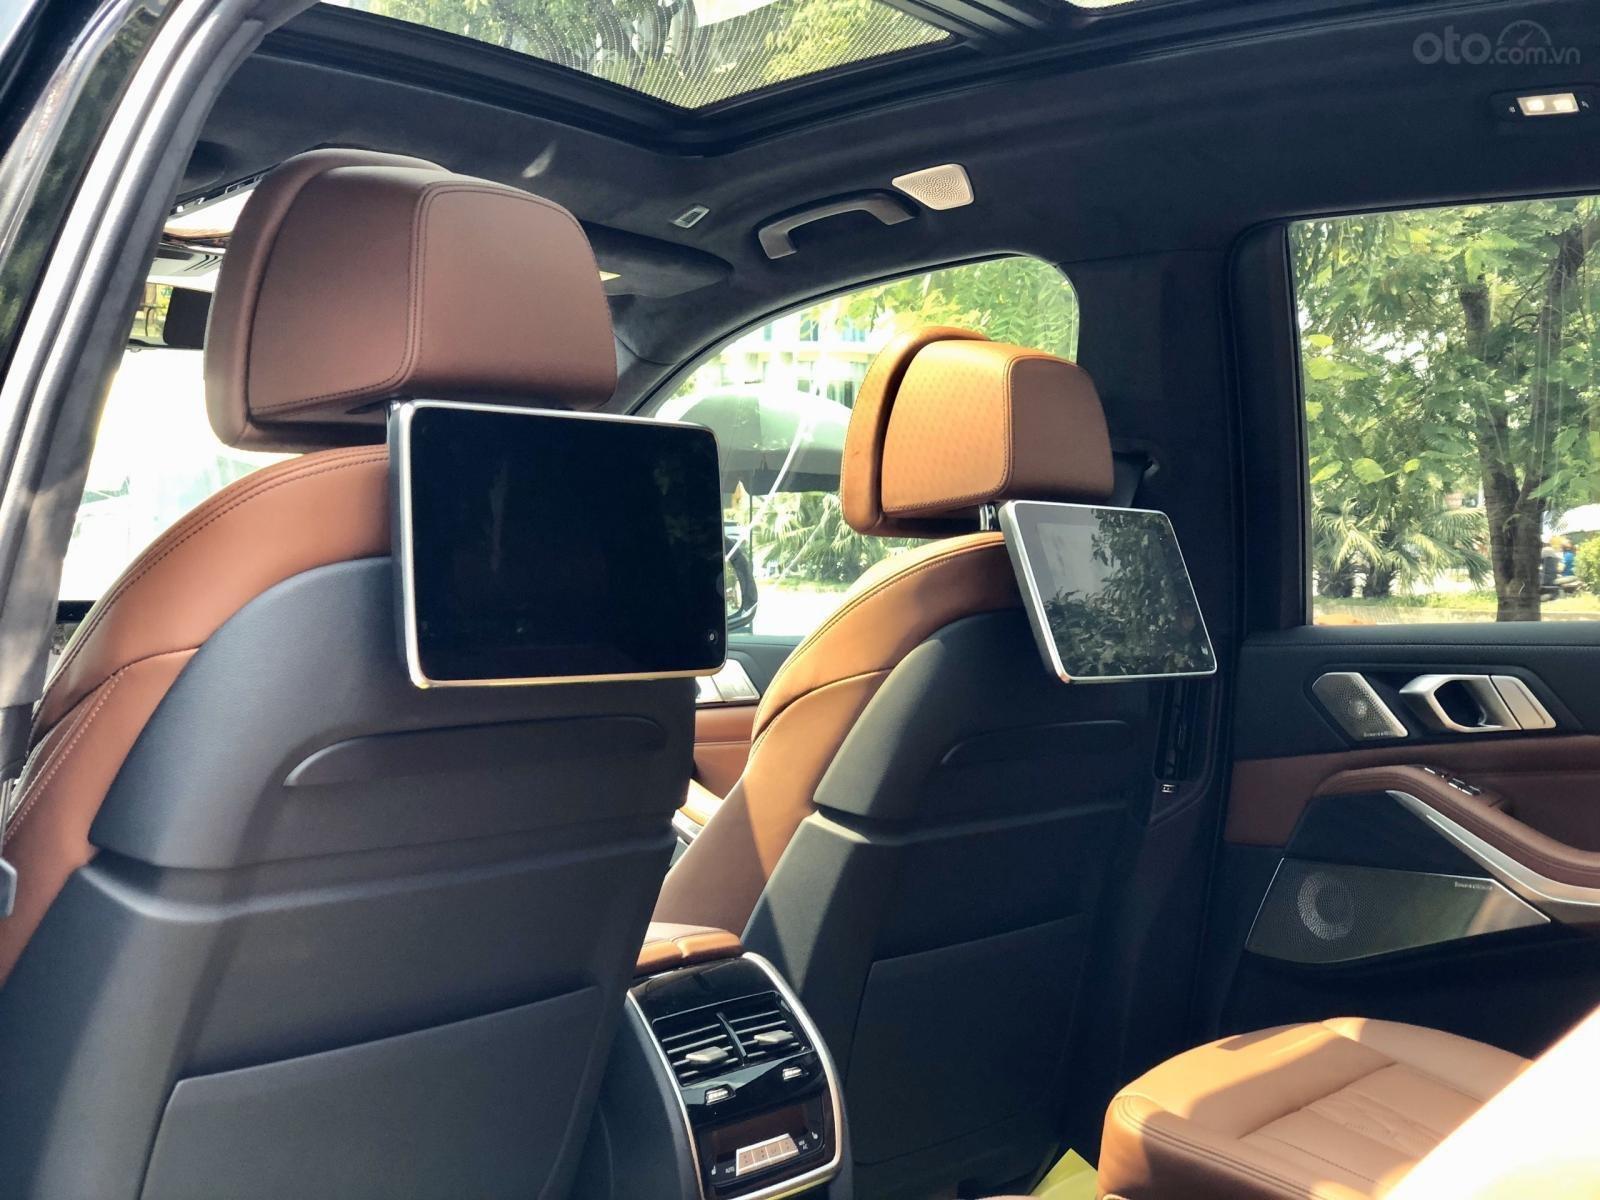 Bán BMW X7 XDrive40i M-Sport sản xuất năm 2019 full kịch option, màu đen, xe nhập Mỹ, mới 100% giao ngay, LH 0982.84.2838 (24)